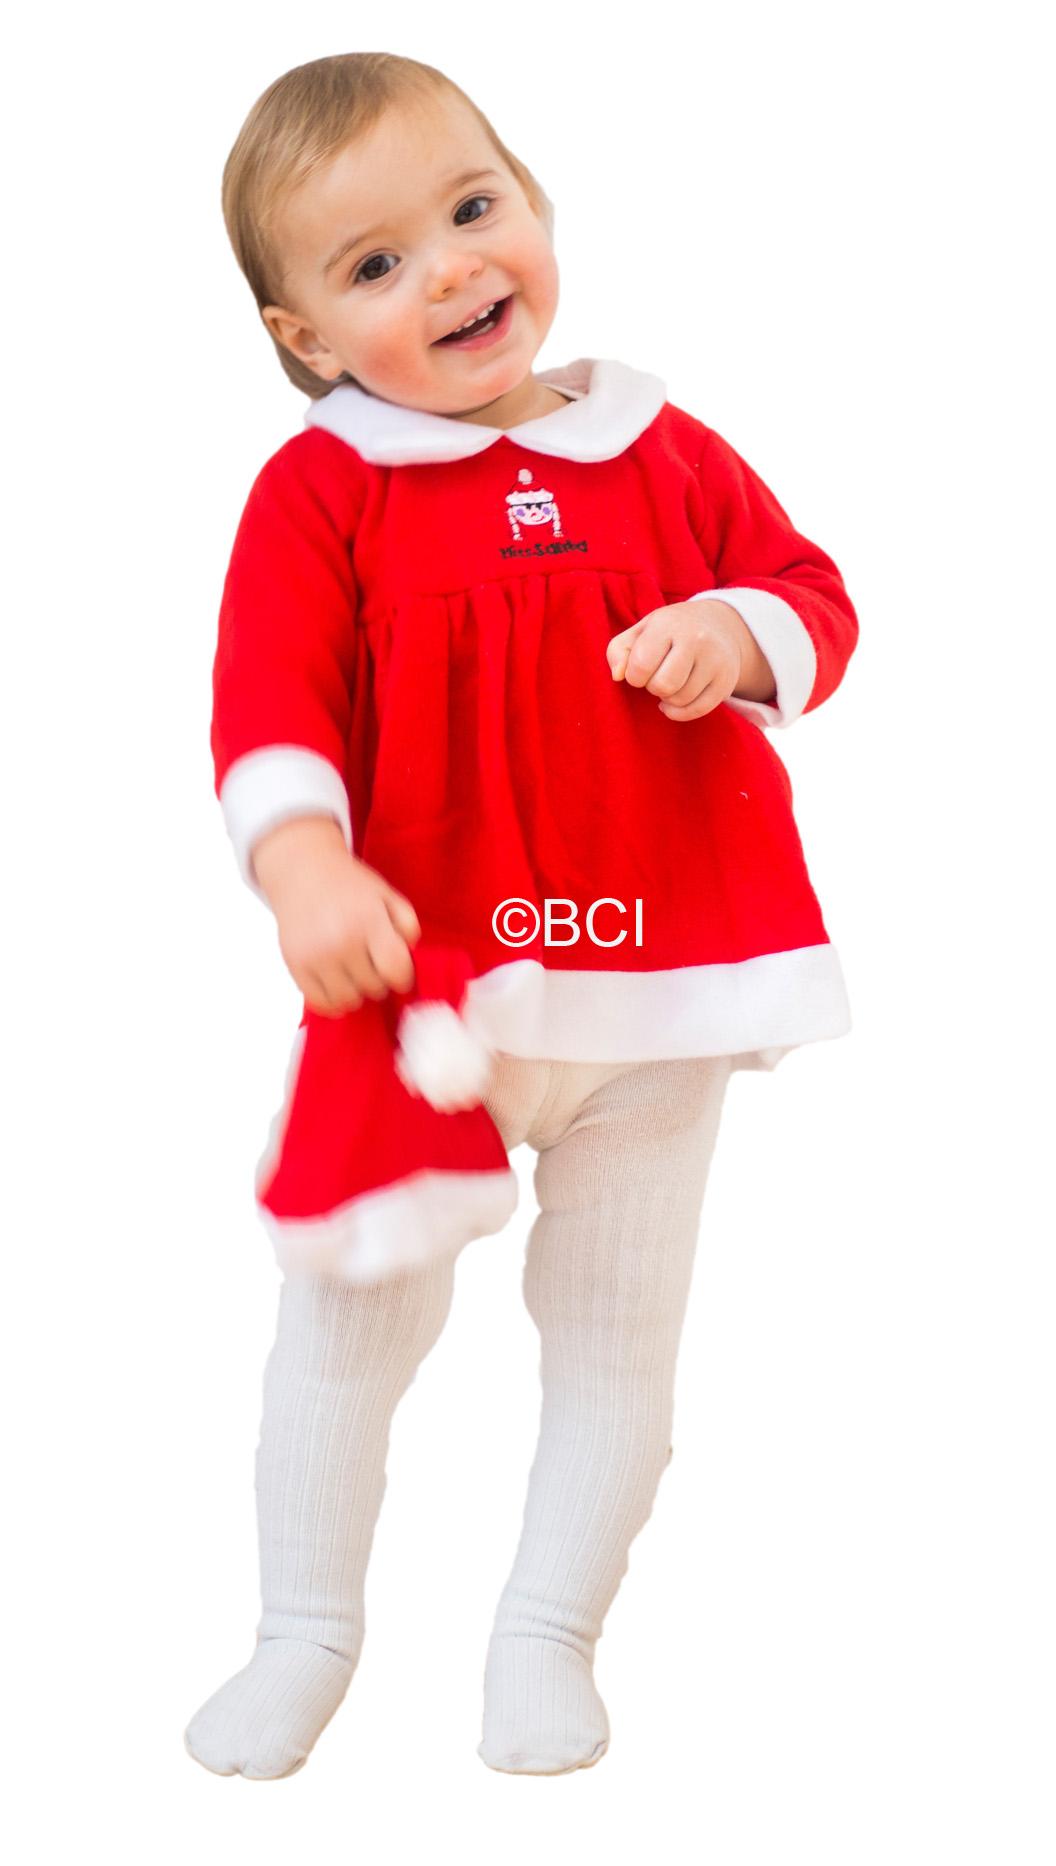 635acf37e3314 Déguisement mère Noël bébé   Deguise-toi